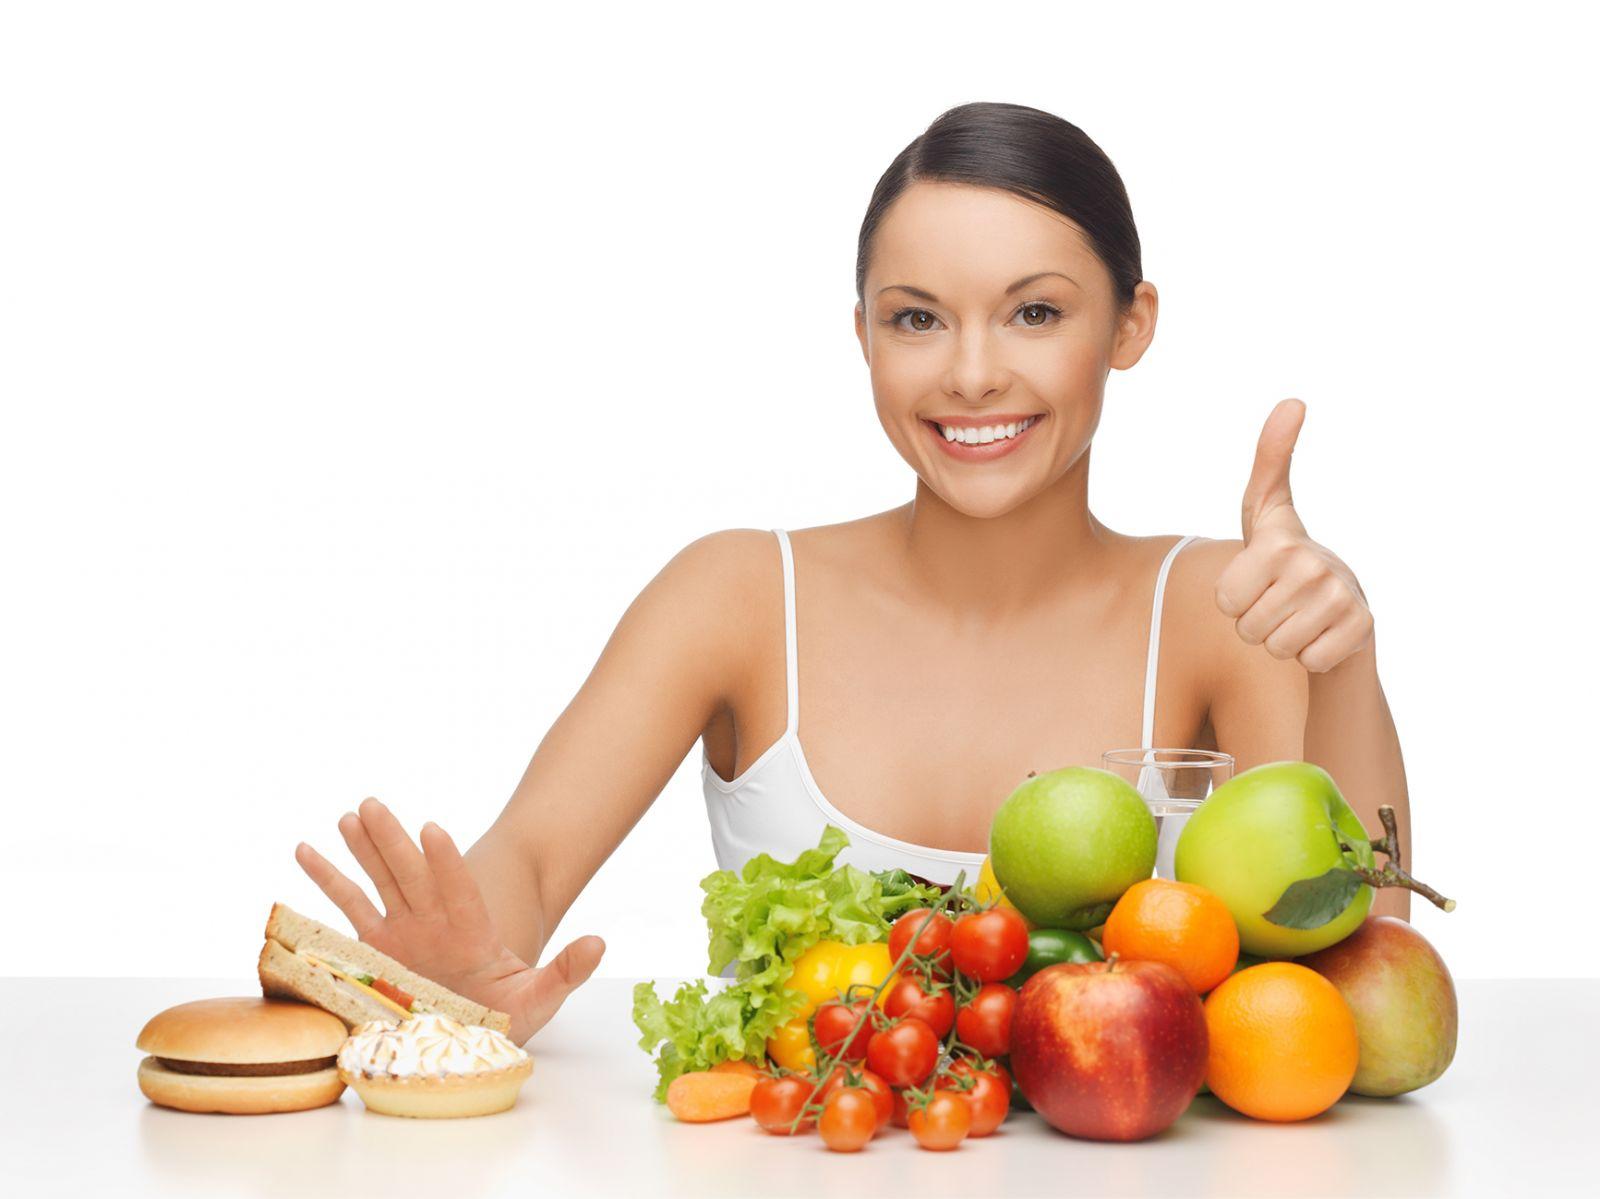 Ăn nhiều rau củ, hoa quả tươi để hỗ trợ giảm cân hiệu quả